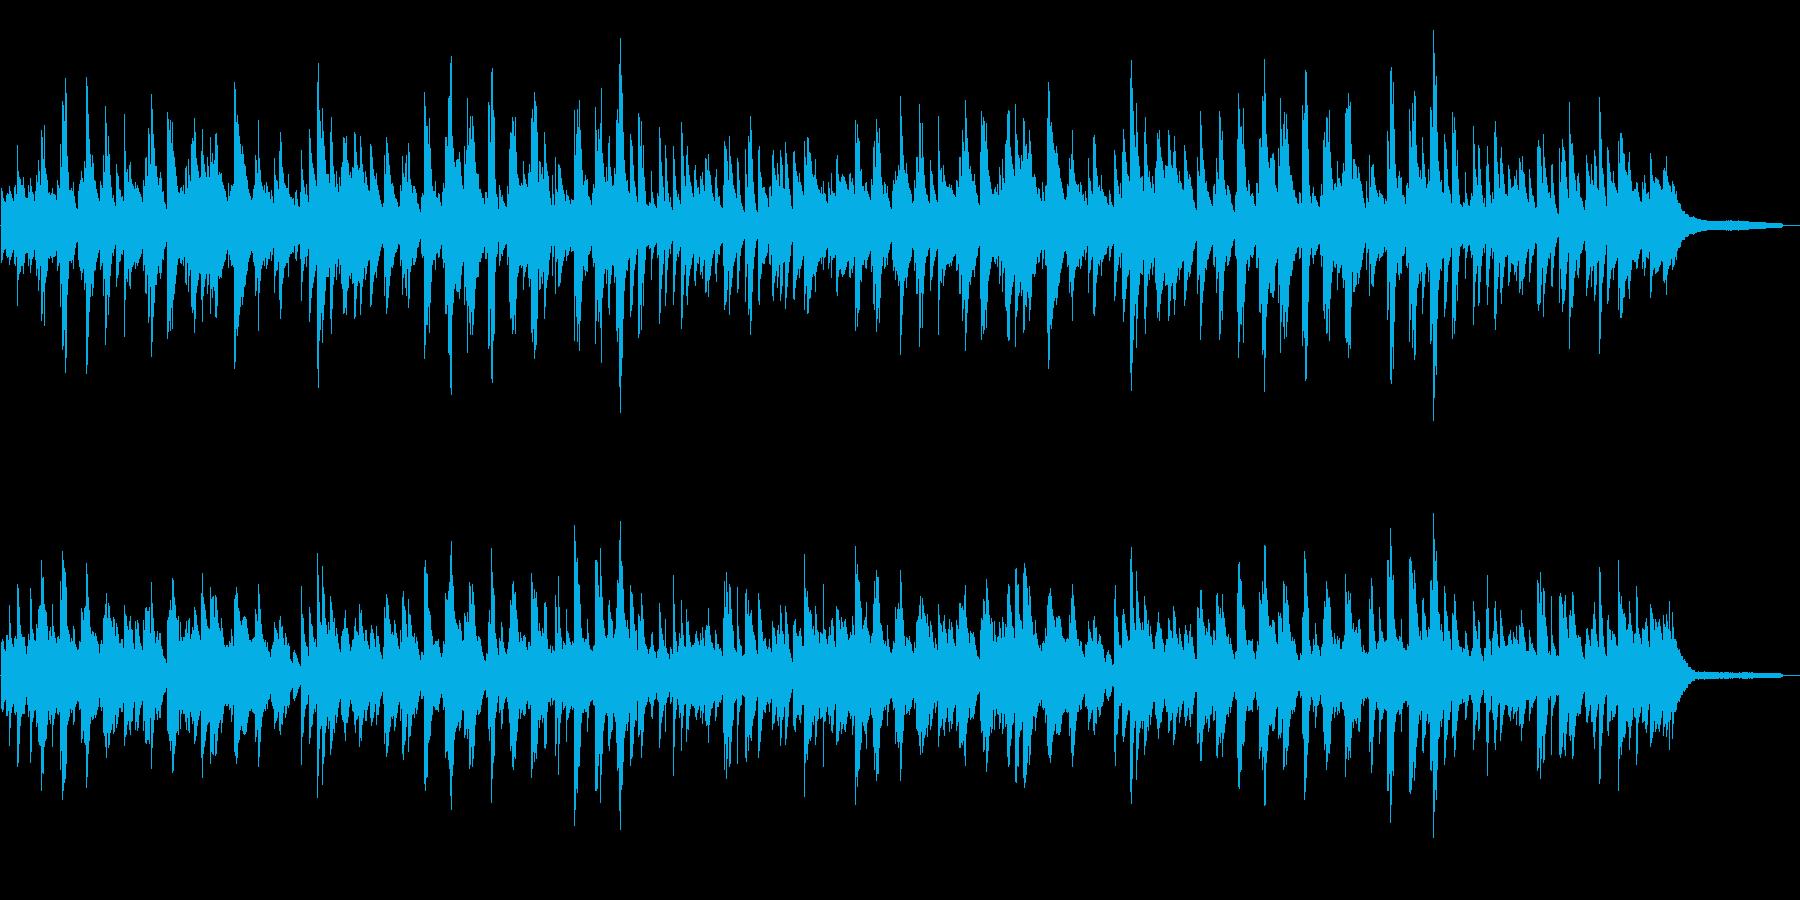 やさしい雰囲気のピアノ曲の再生済みの波形